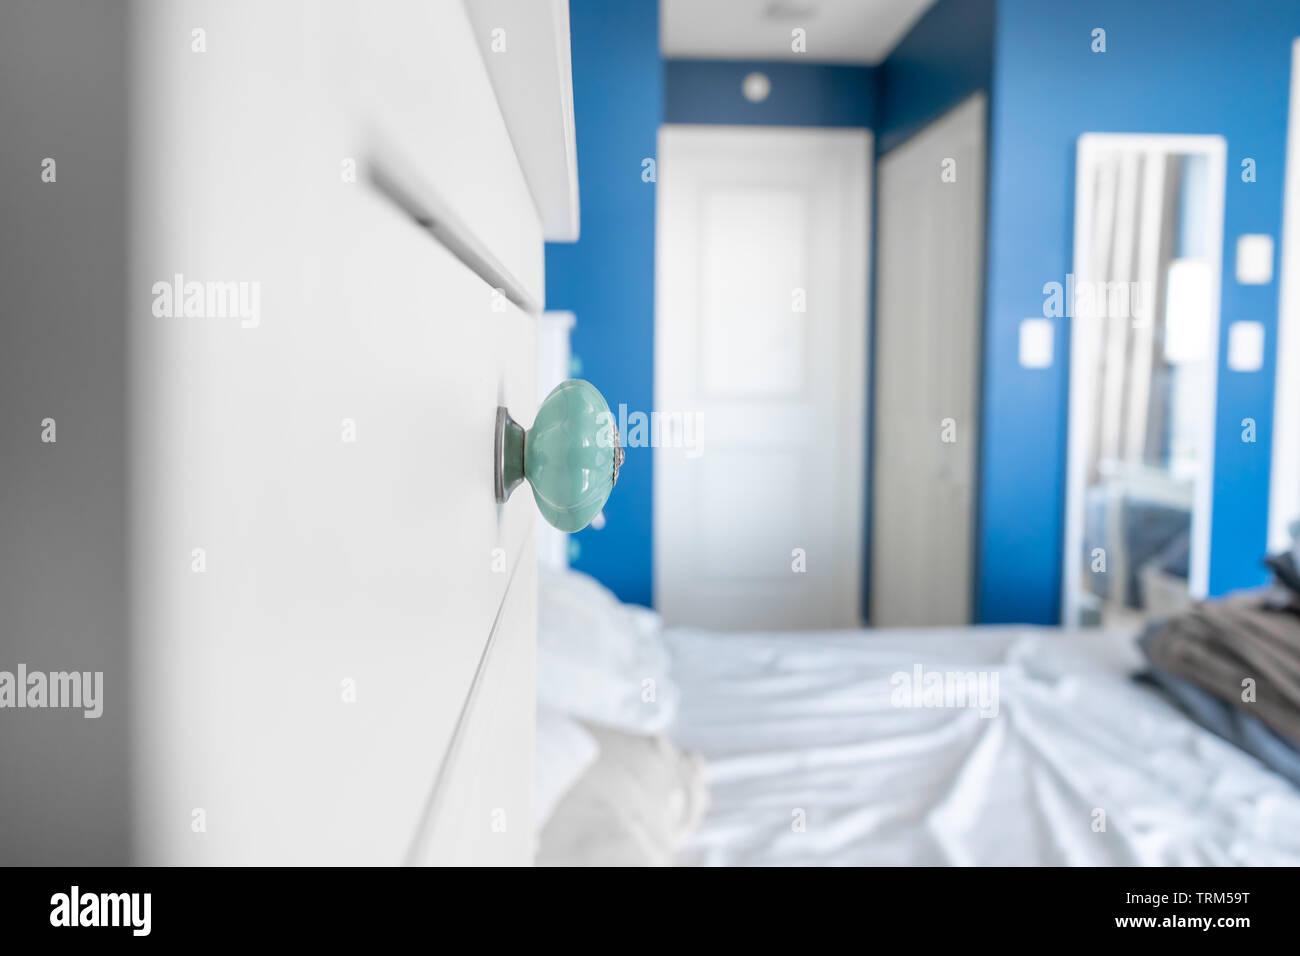 Vista prospettica di una camera da letto che mostra un comò la manopola blu, pareti dipinte di bianco, accenti e un letto senza coperte, con disordine, stropicciato le lenzuola. Immagini Stock